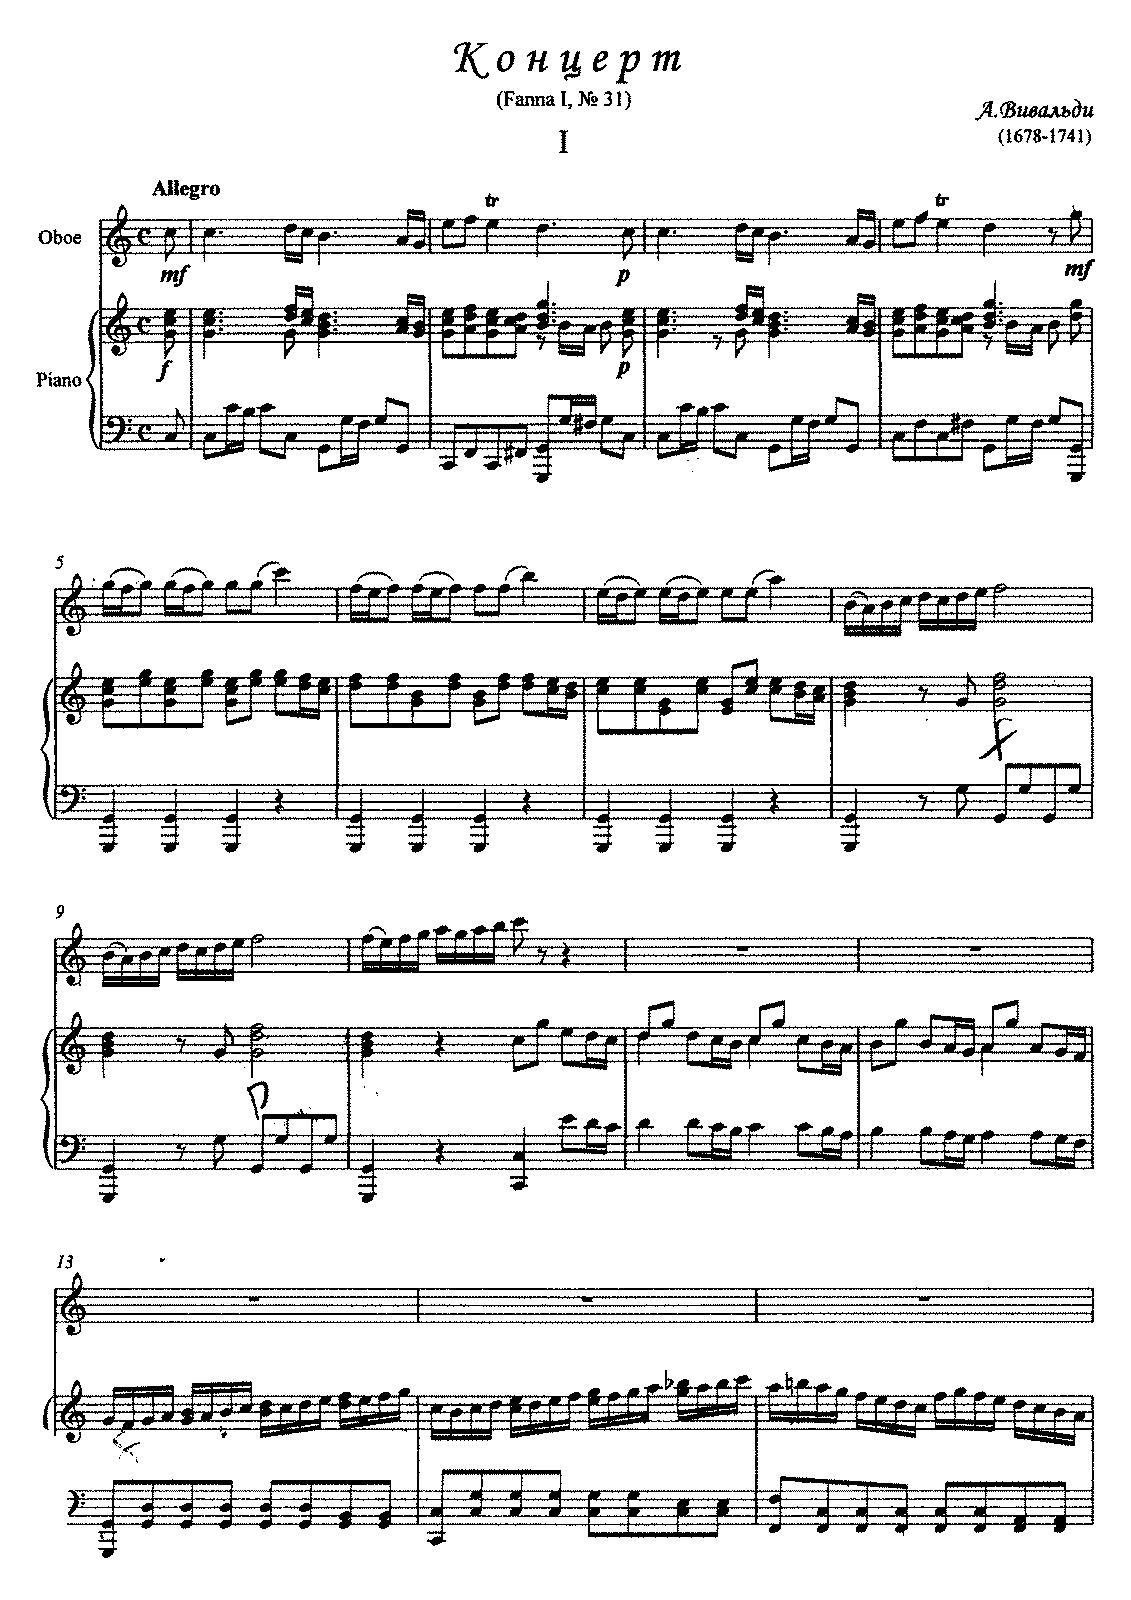 Concerto in F Oboe/Piano Reduction